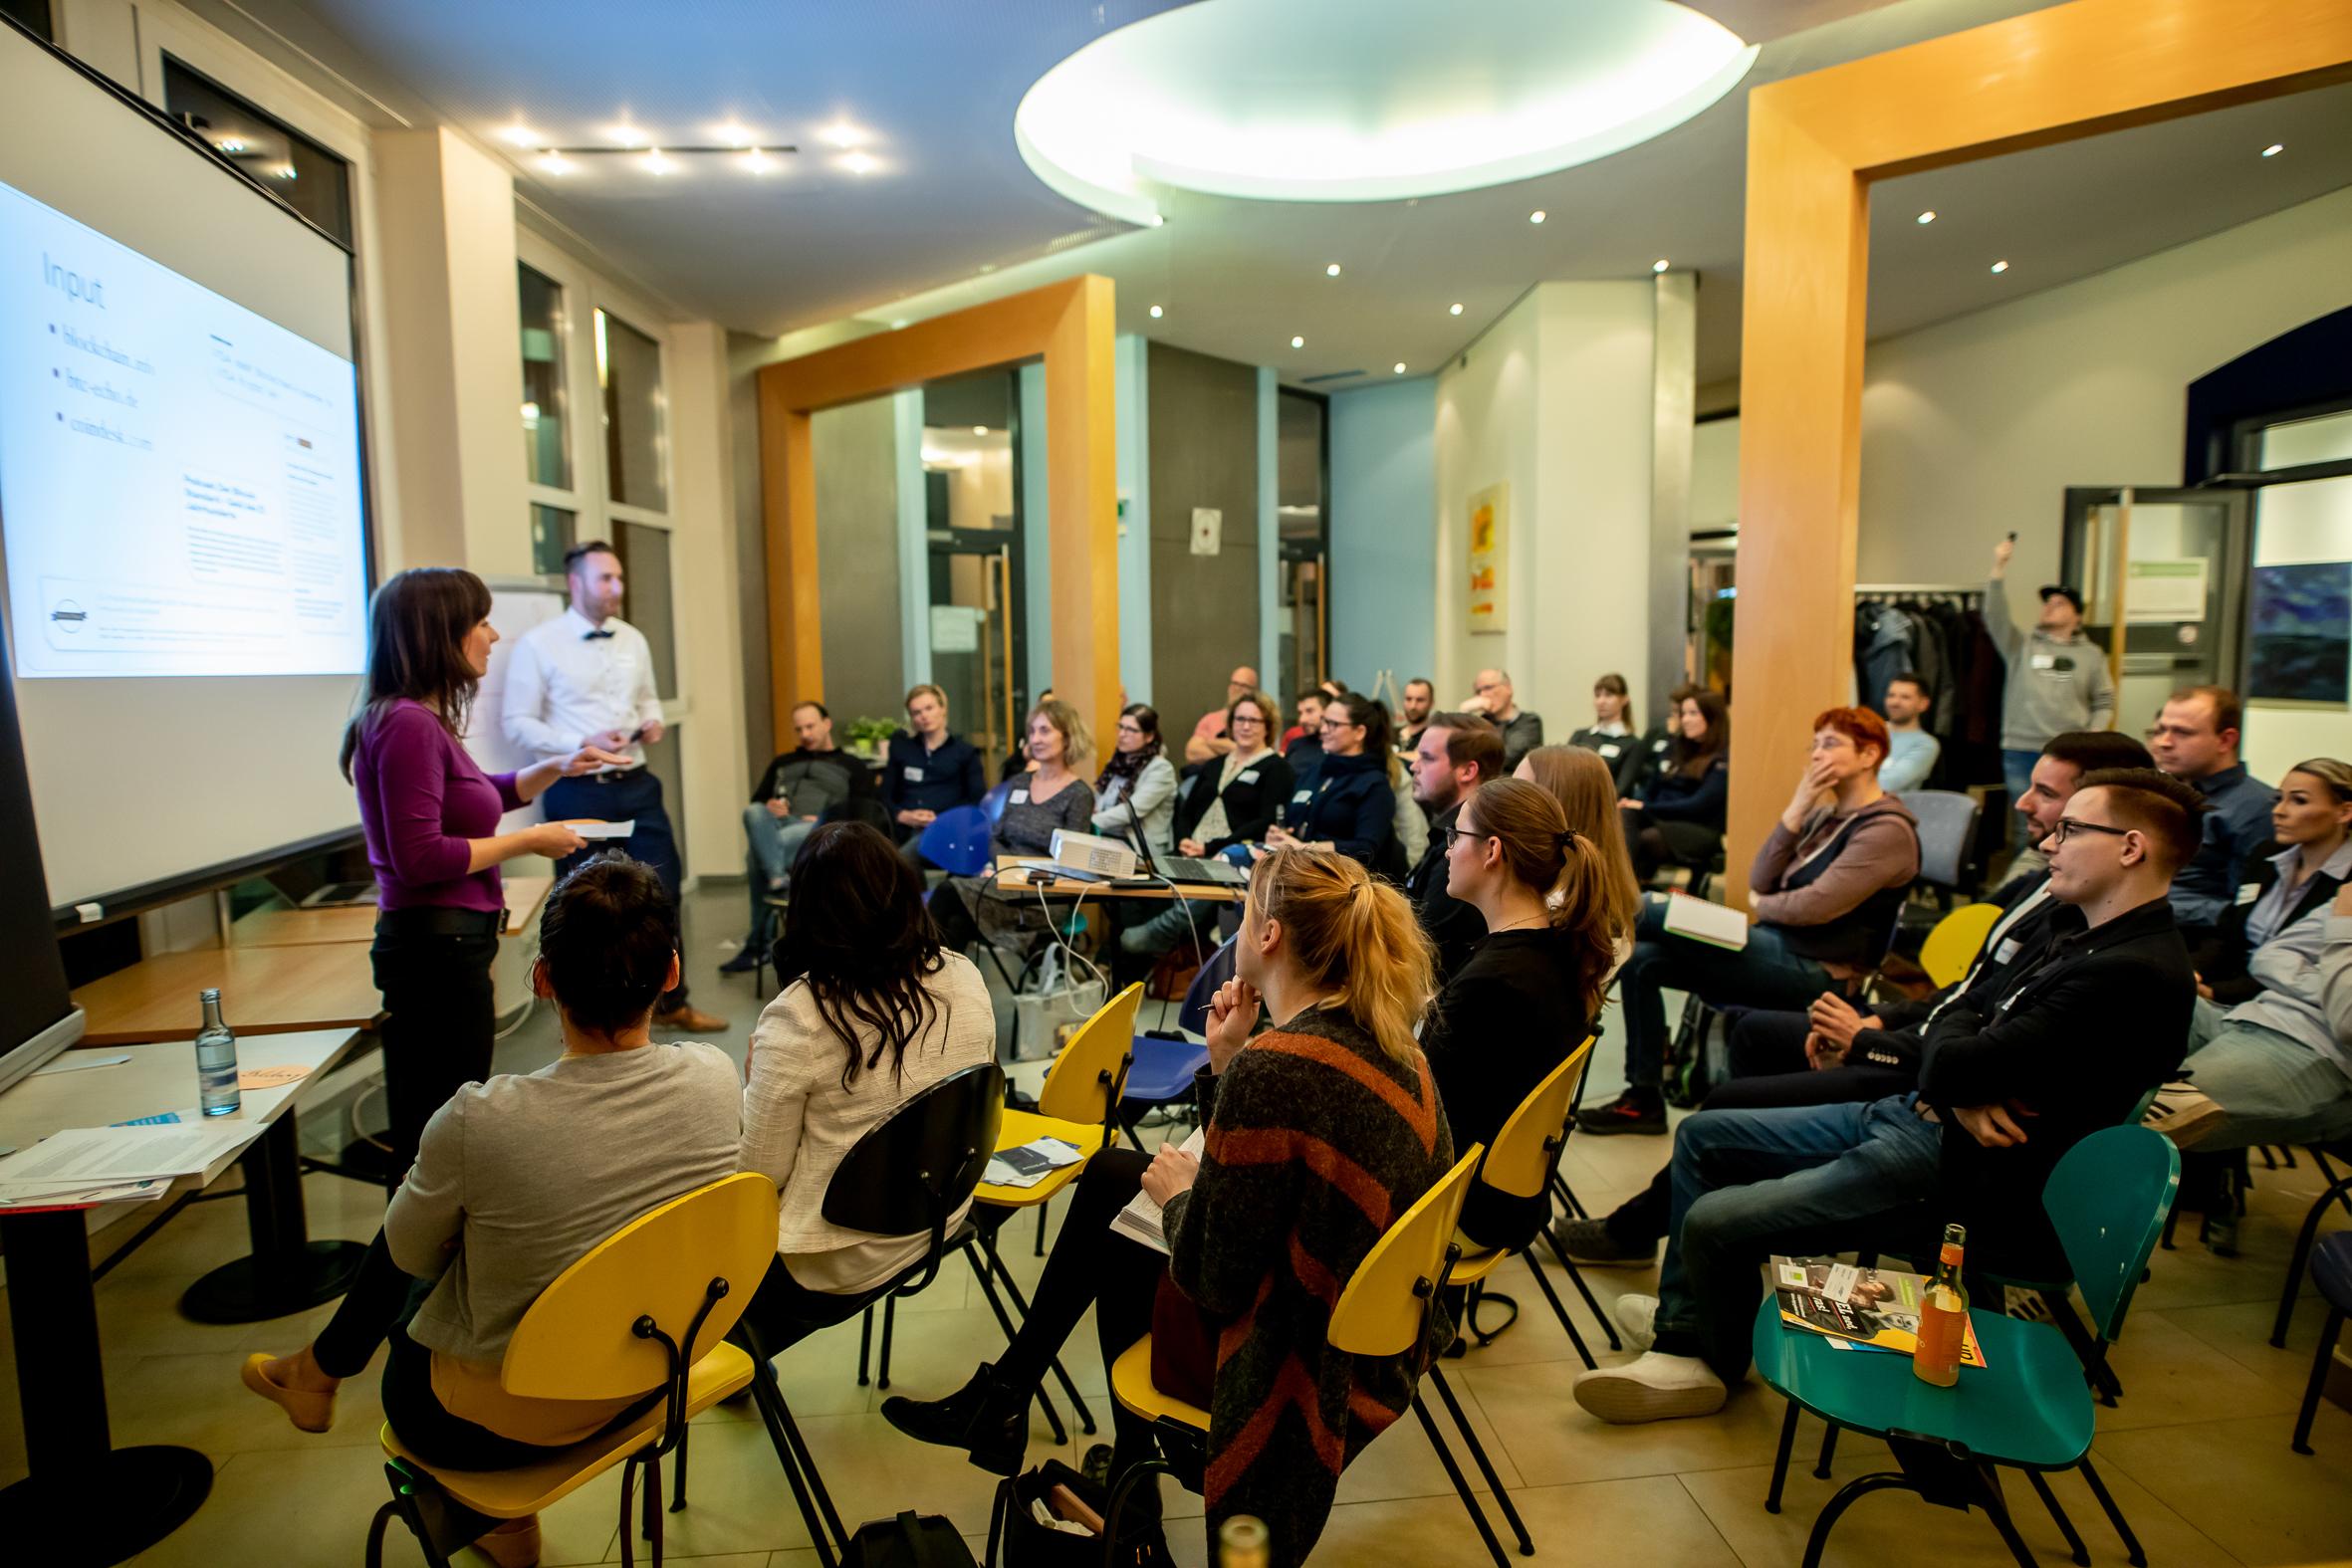 Trainerin Katja Wolter bietet interaktive Seminare & Trainings für Wissenschaftlerinnen und Wissenschaftler